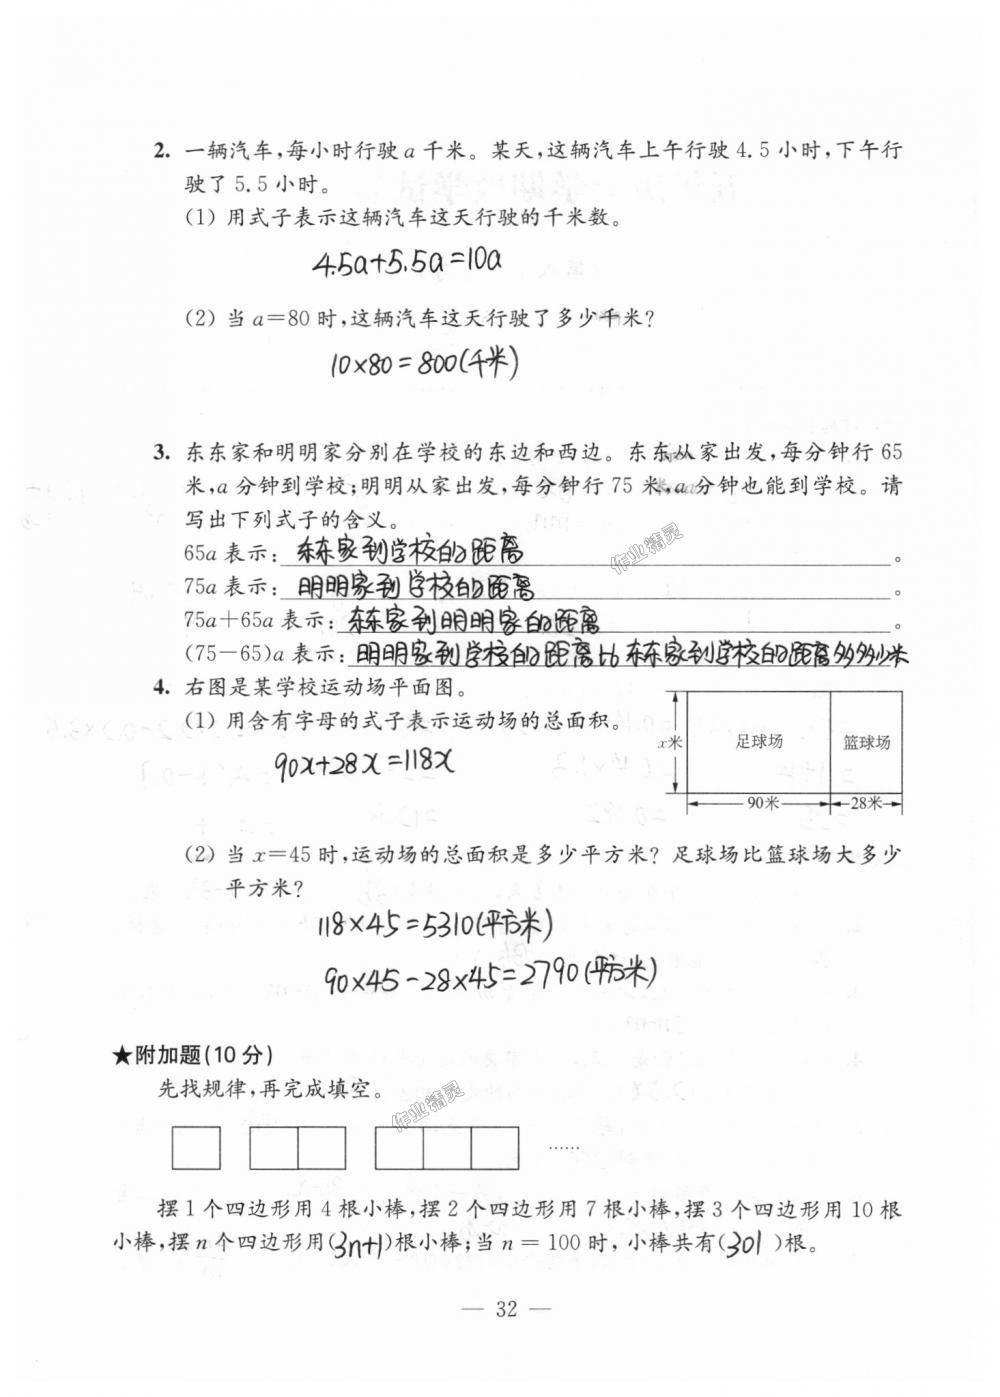 2018年练习与测试检测卷五年级数学上册苏教版第32页